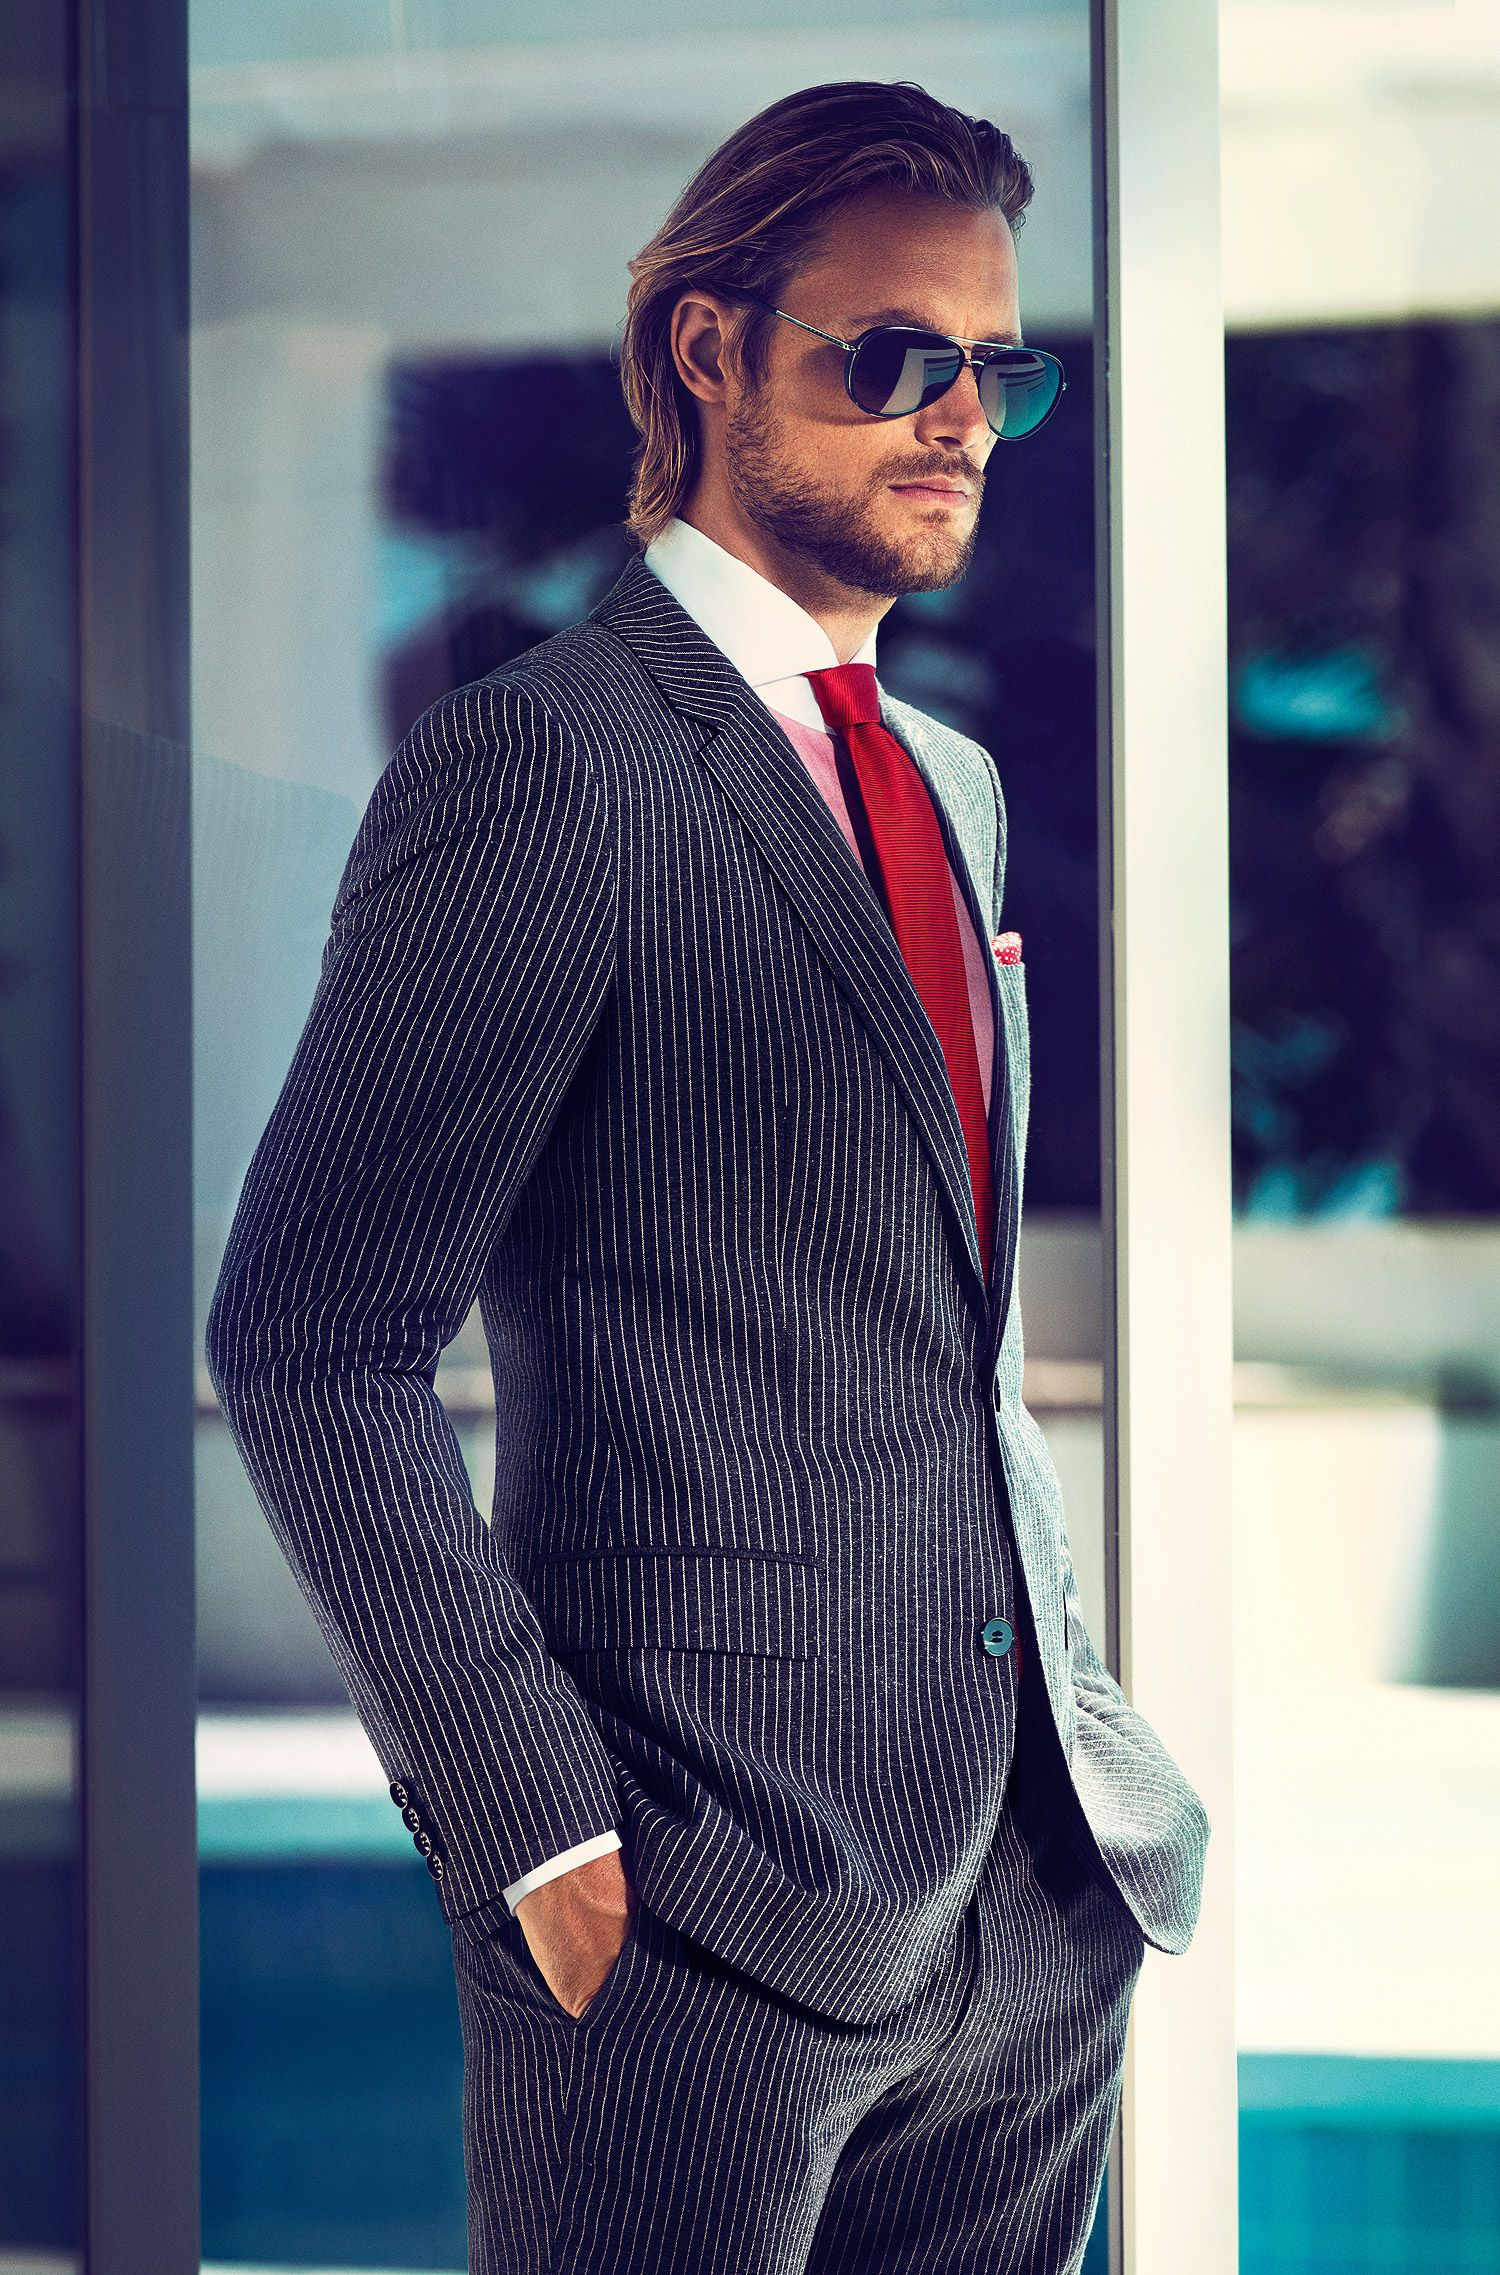 Gestreifte Krawatte ´Tie 6 cm` aus reiner Seide